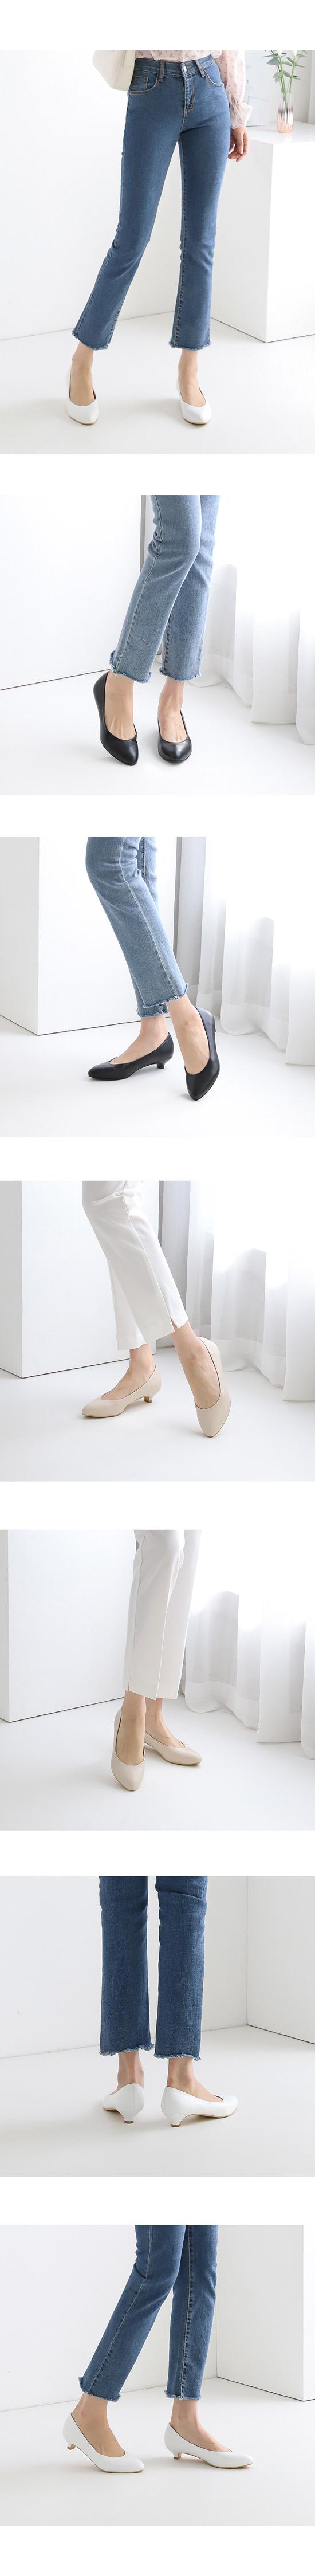 Simple Line Low Heel Pumps 3cm Beige